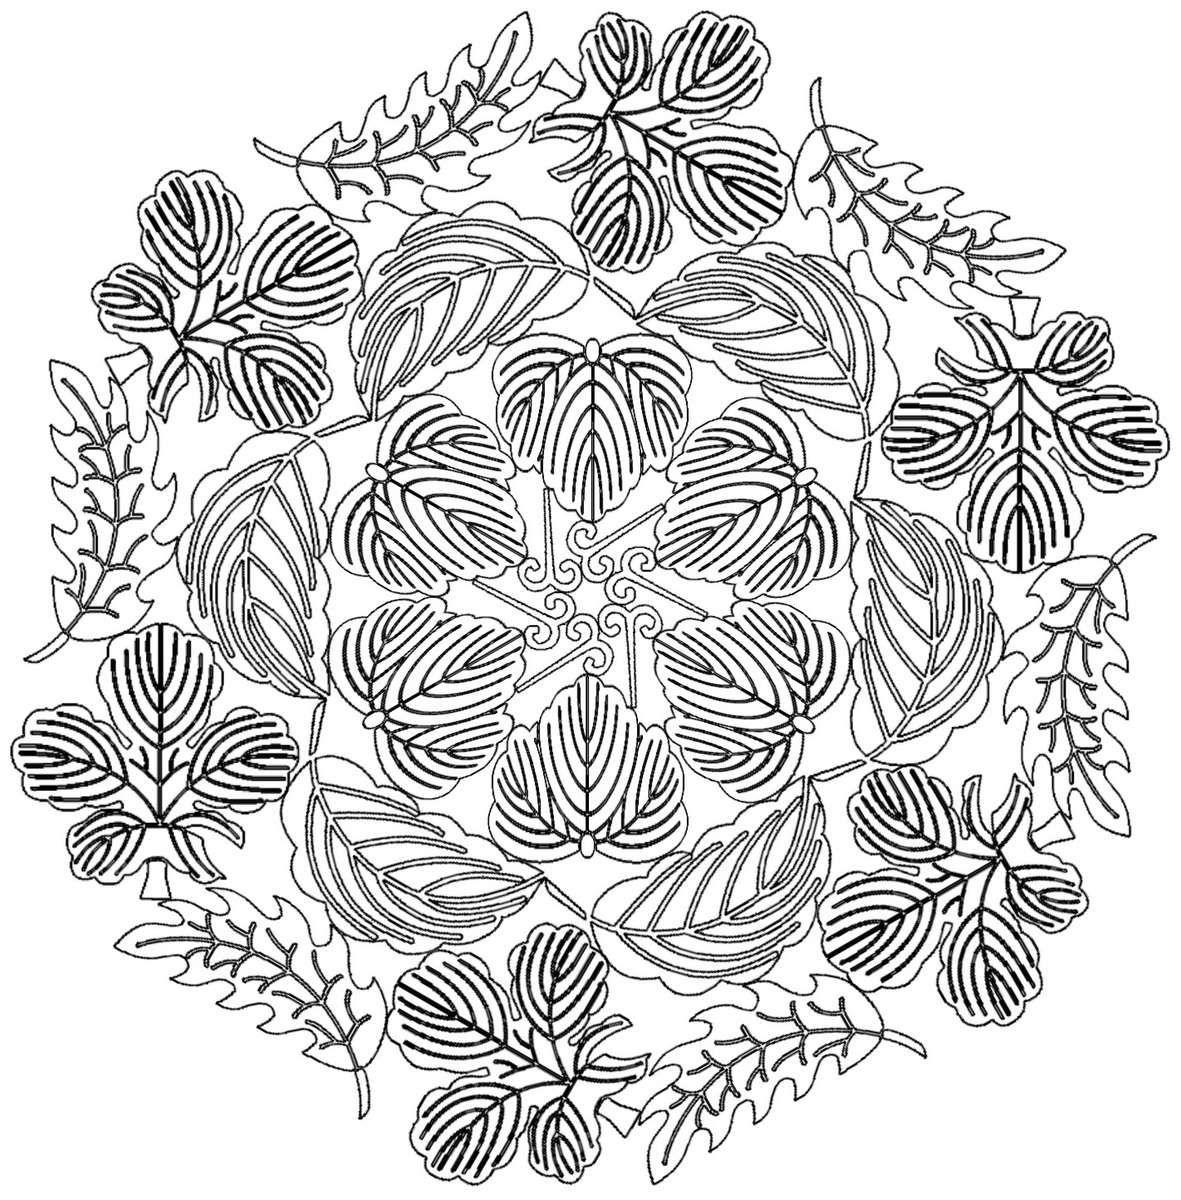 Coloriage de mandala gratuit dessins colorier imagixs coloriages pinterest mandalas - Dessin mandela ...